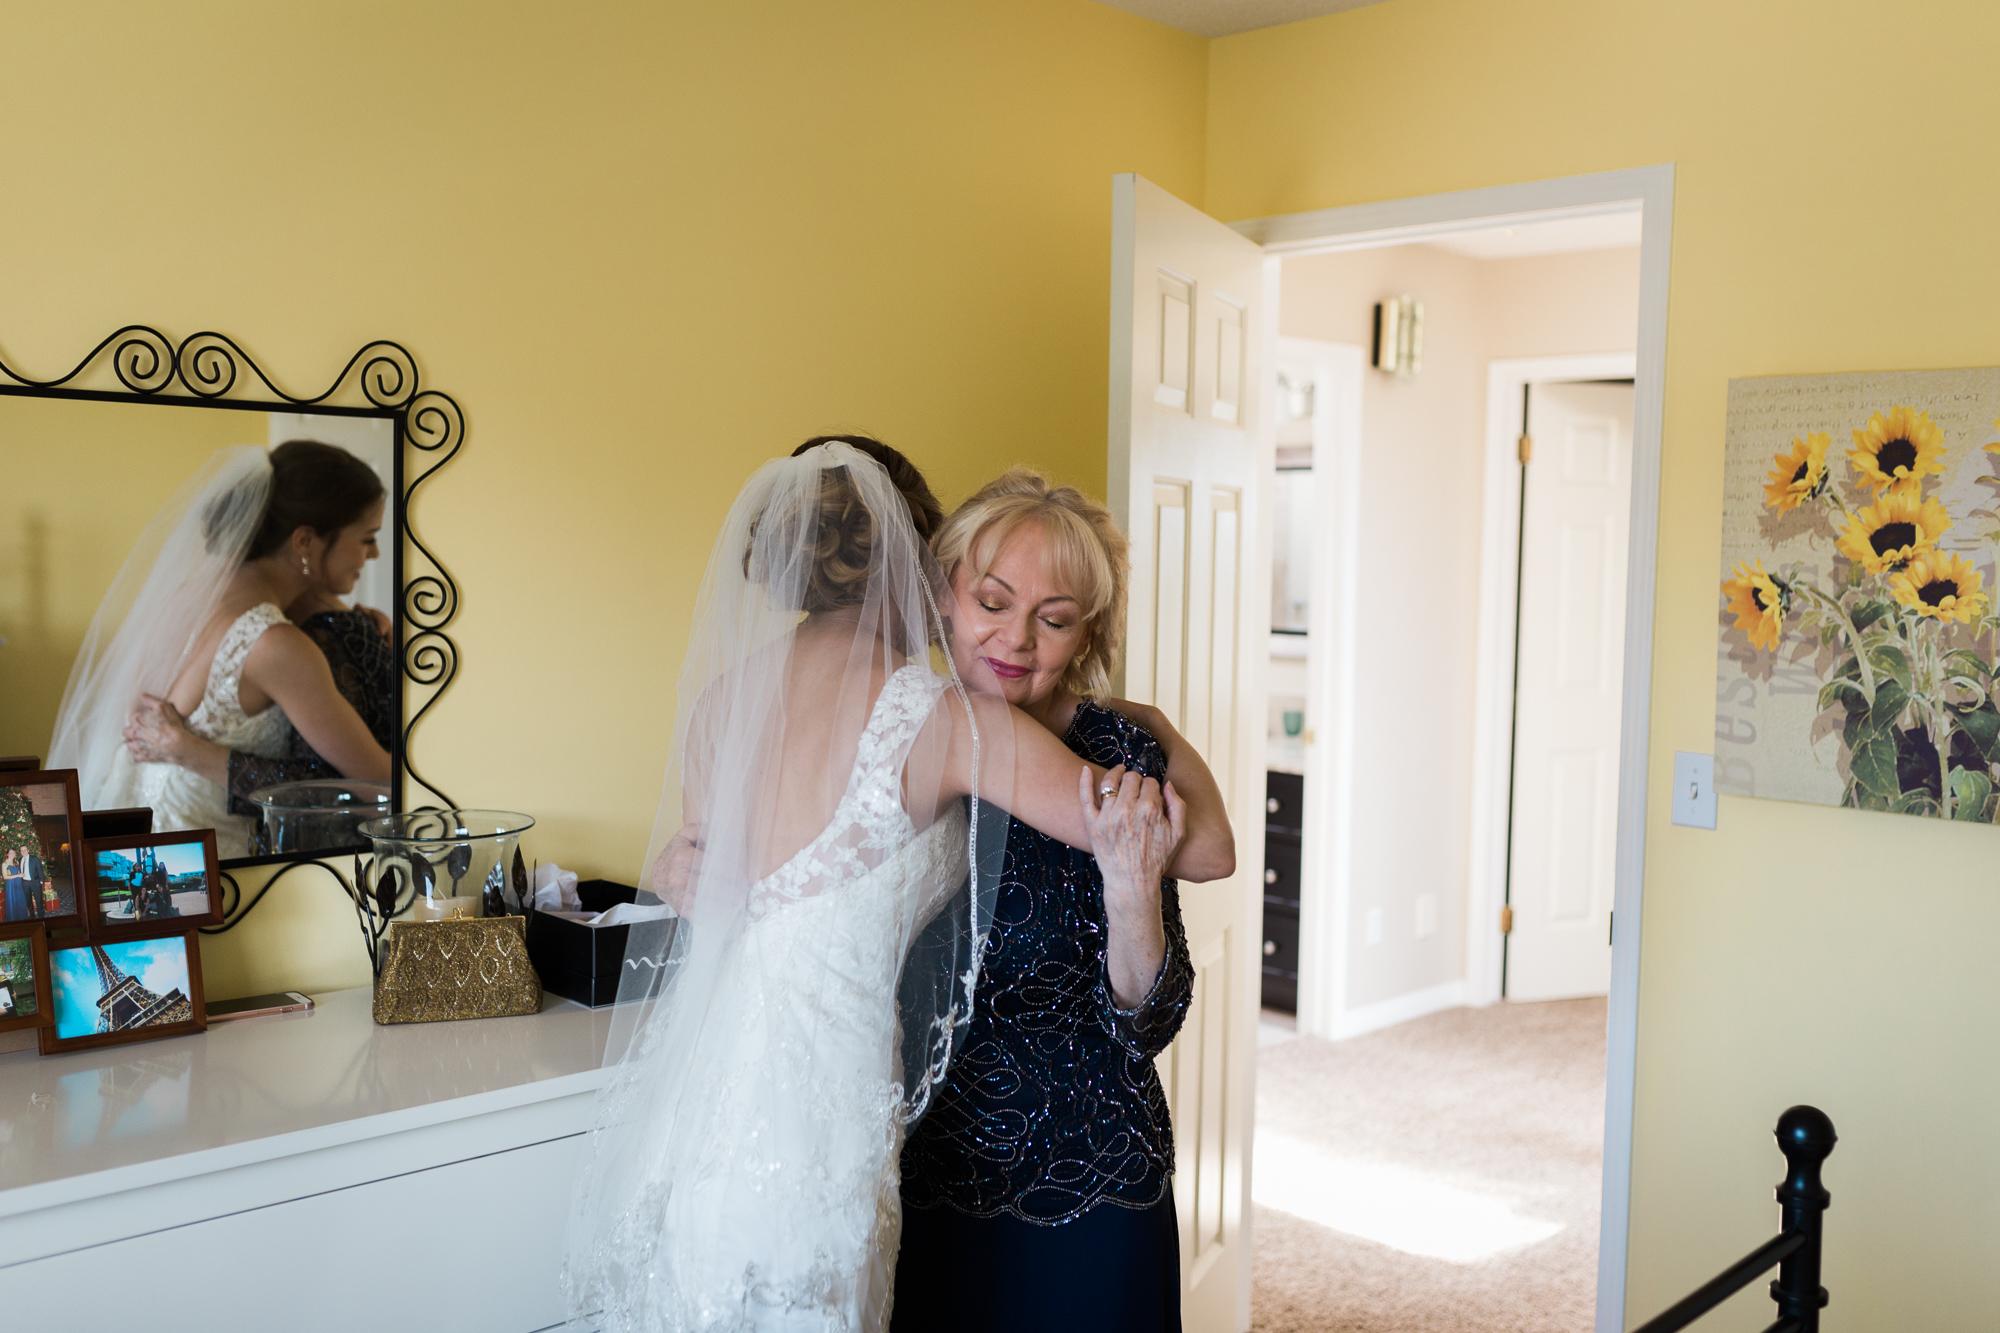 Deanna-Rachel-Photography-calgary-Wedding-photographer-jm-16.jpg